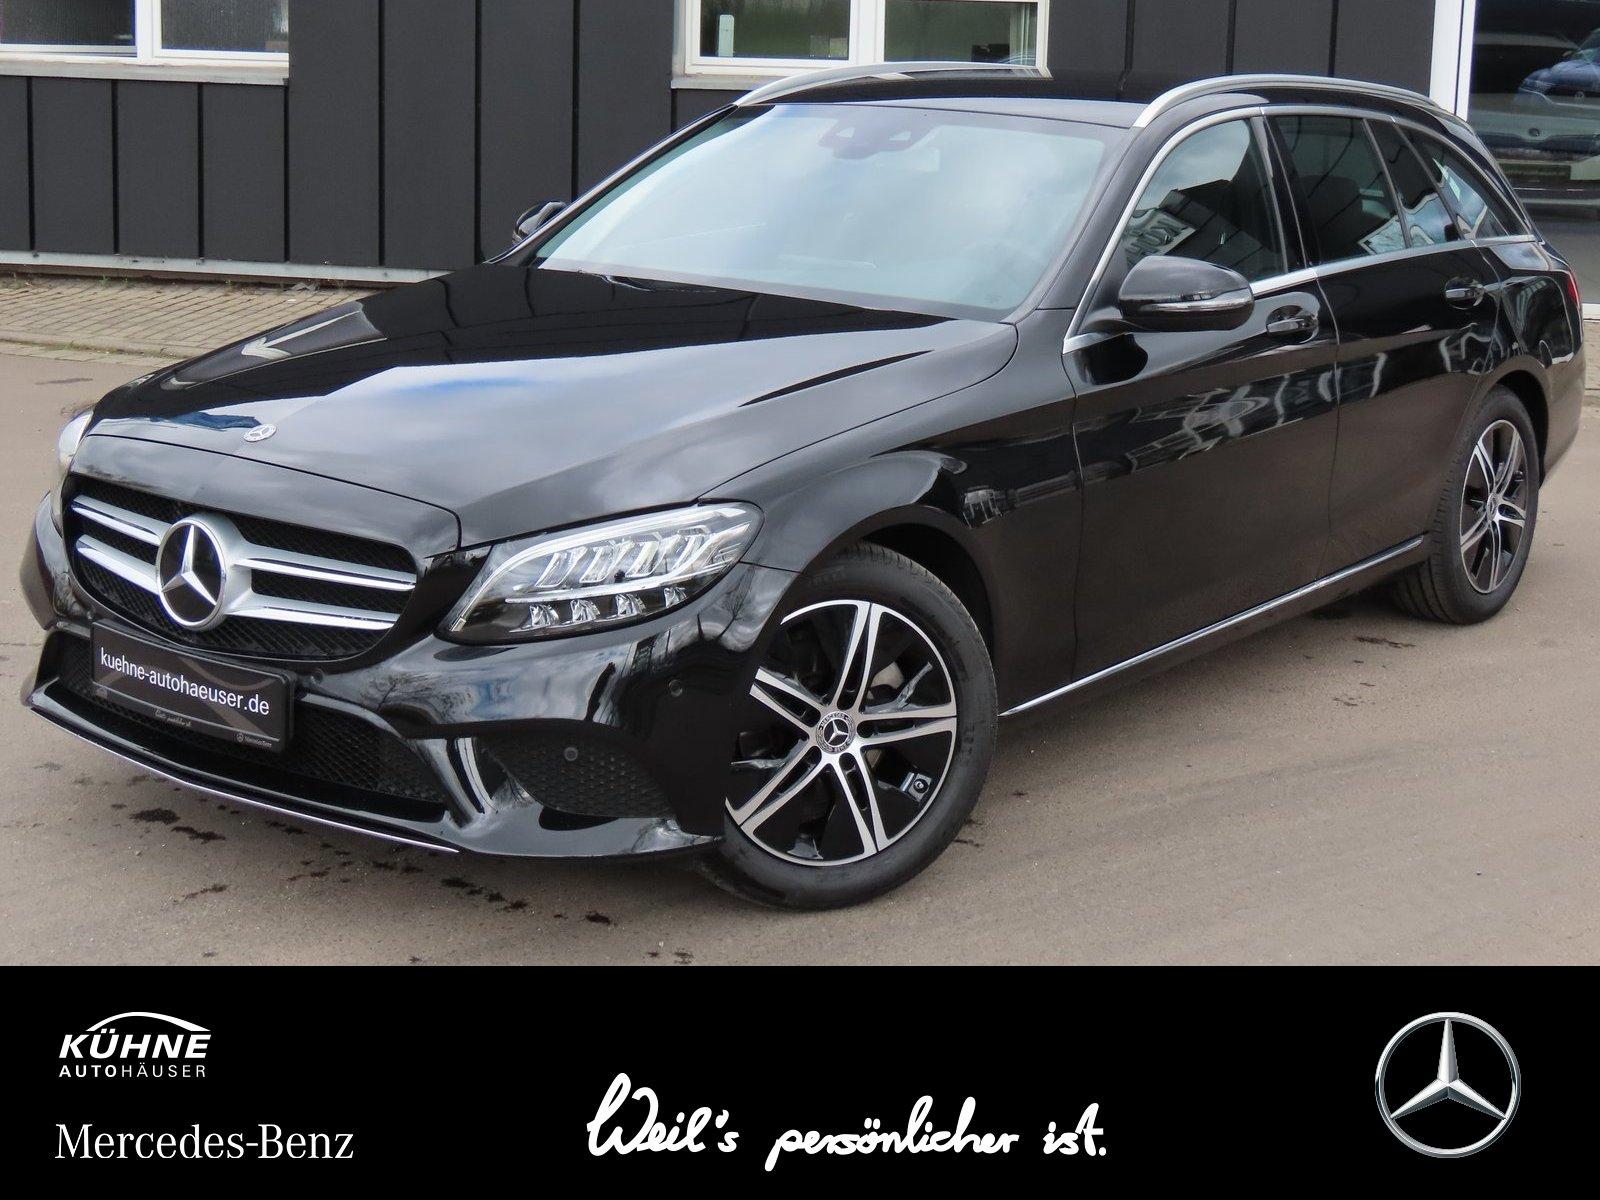 Mercedes-Benz C 180 T 9G Avantgarde+Infotainment Paket+Komfort, Jahr 2020, Benzin